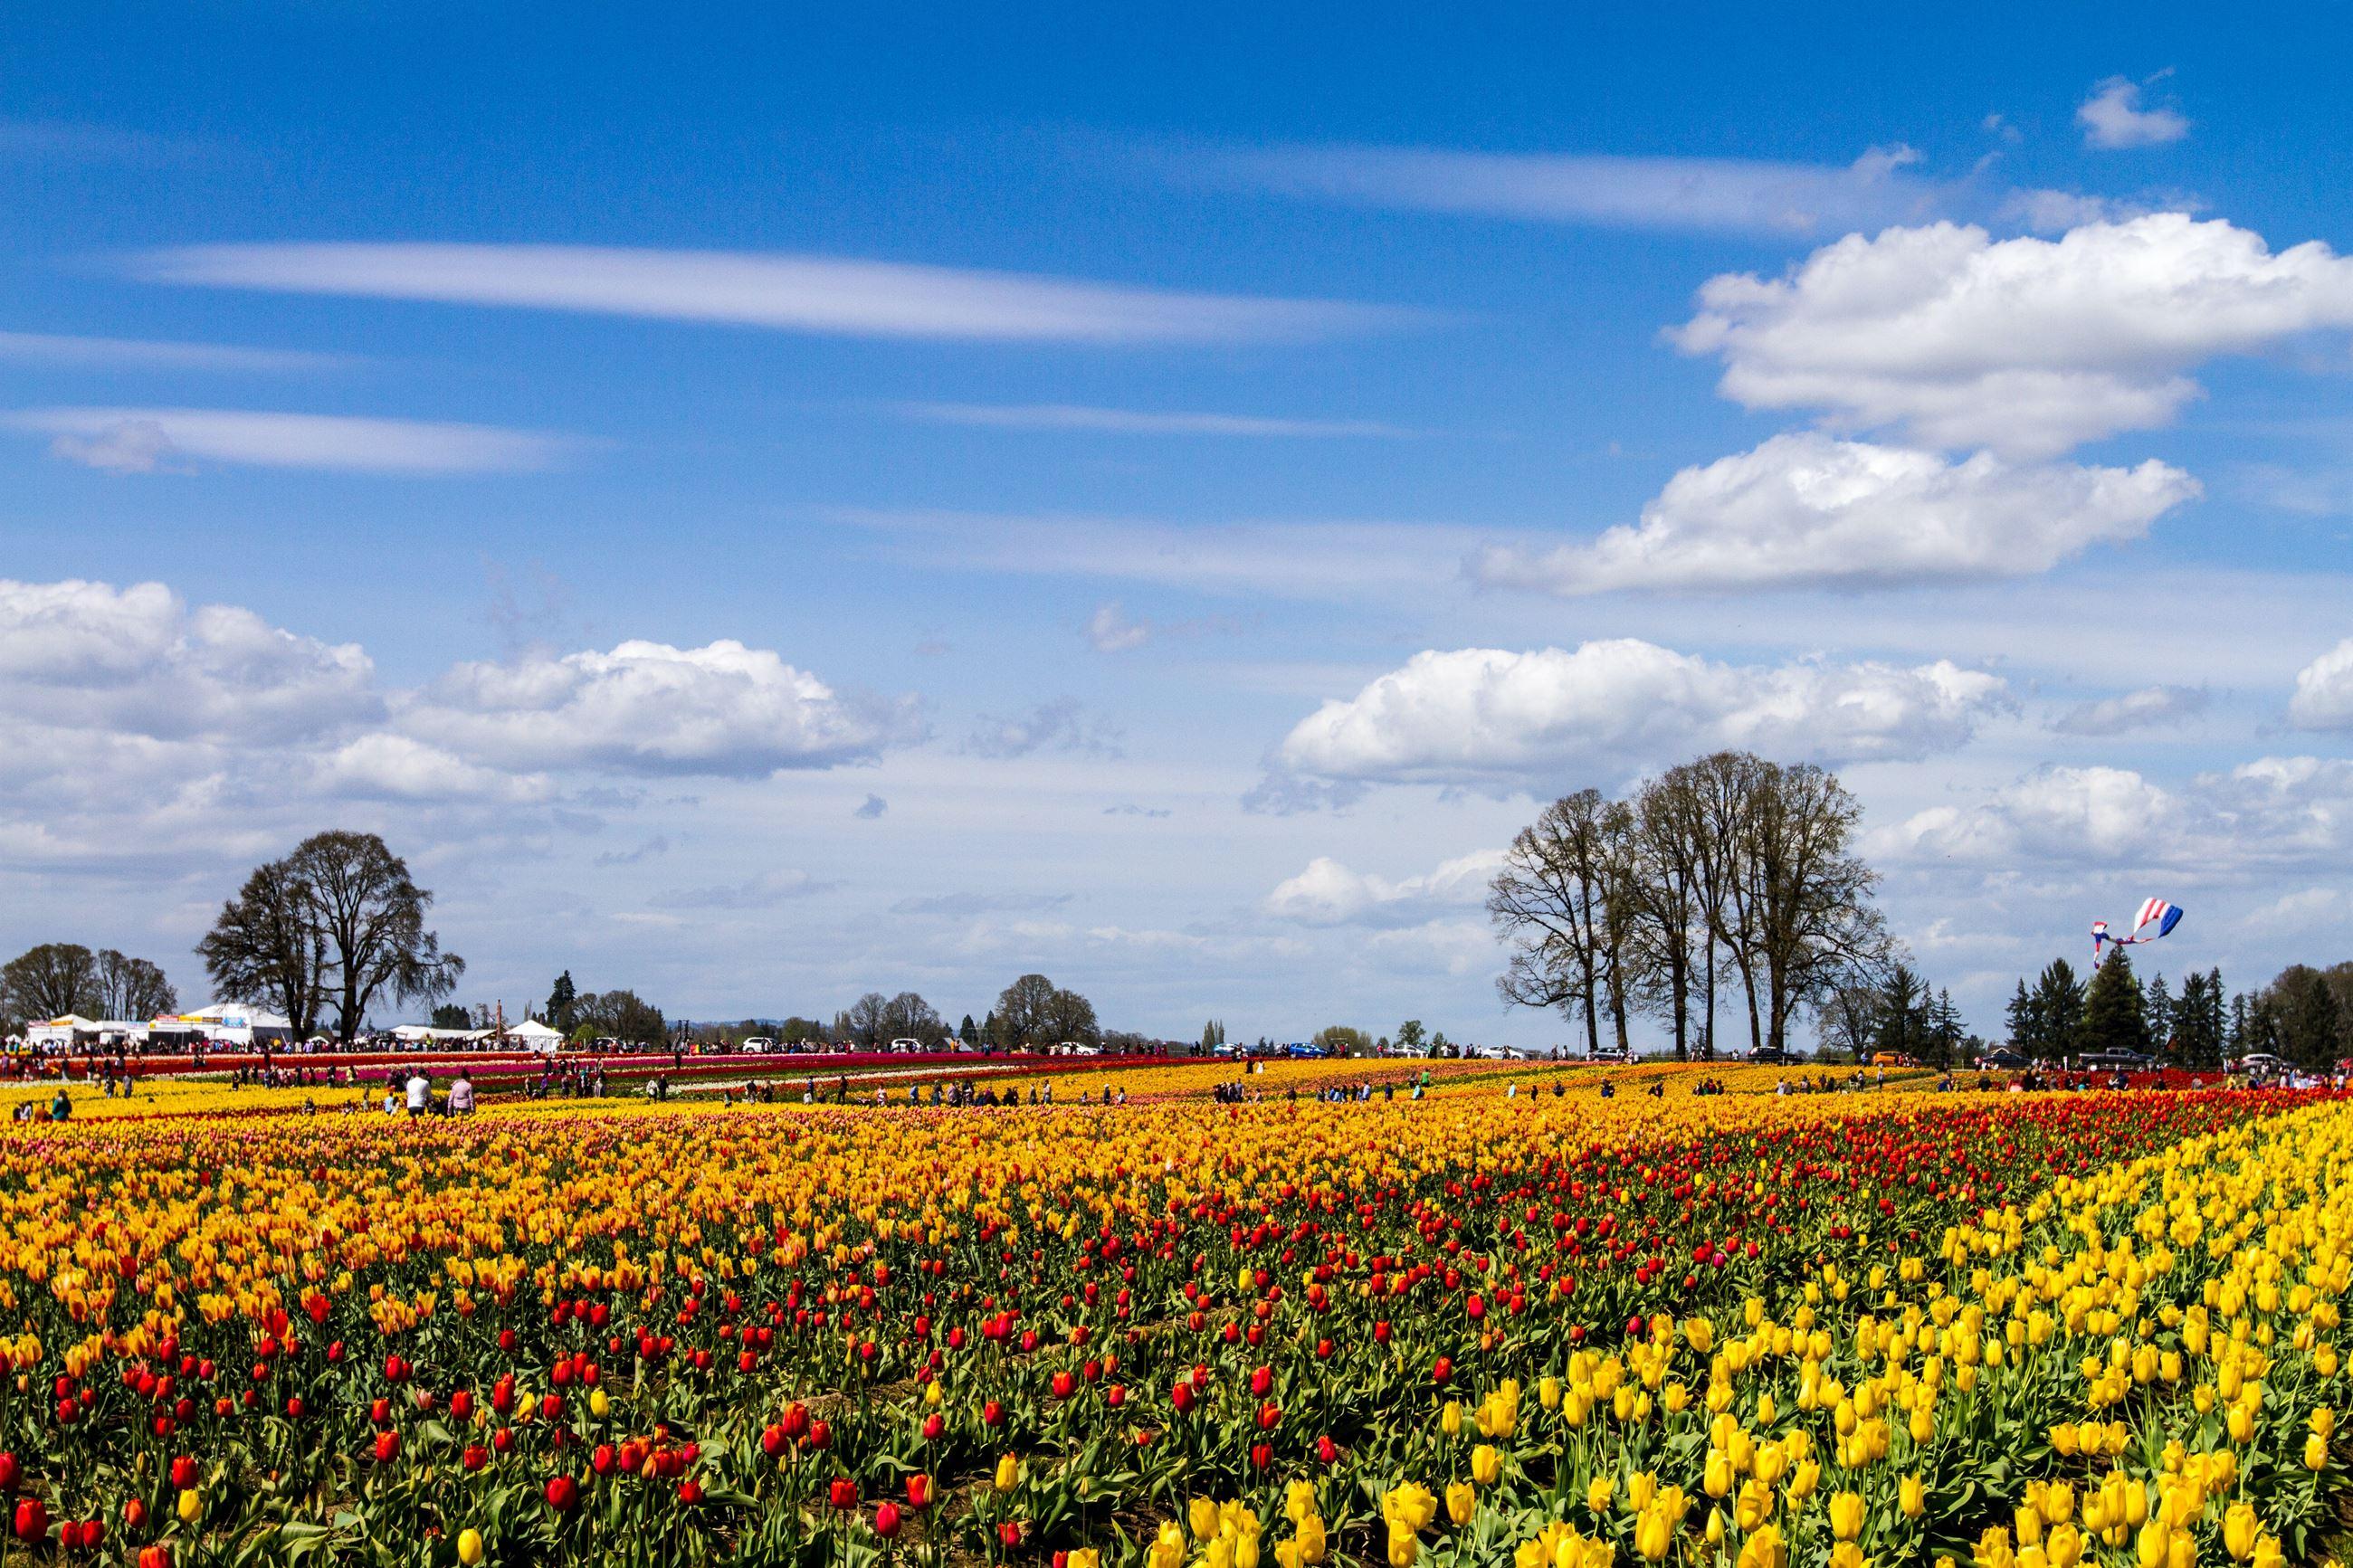 A field of tulips in Oregon.